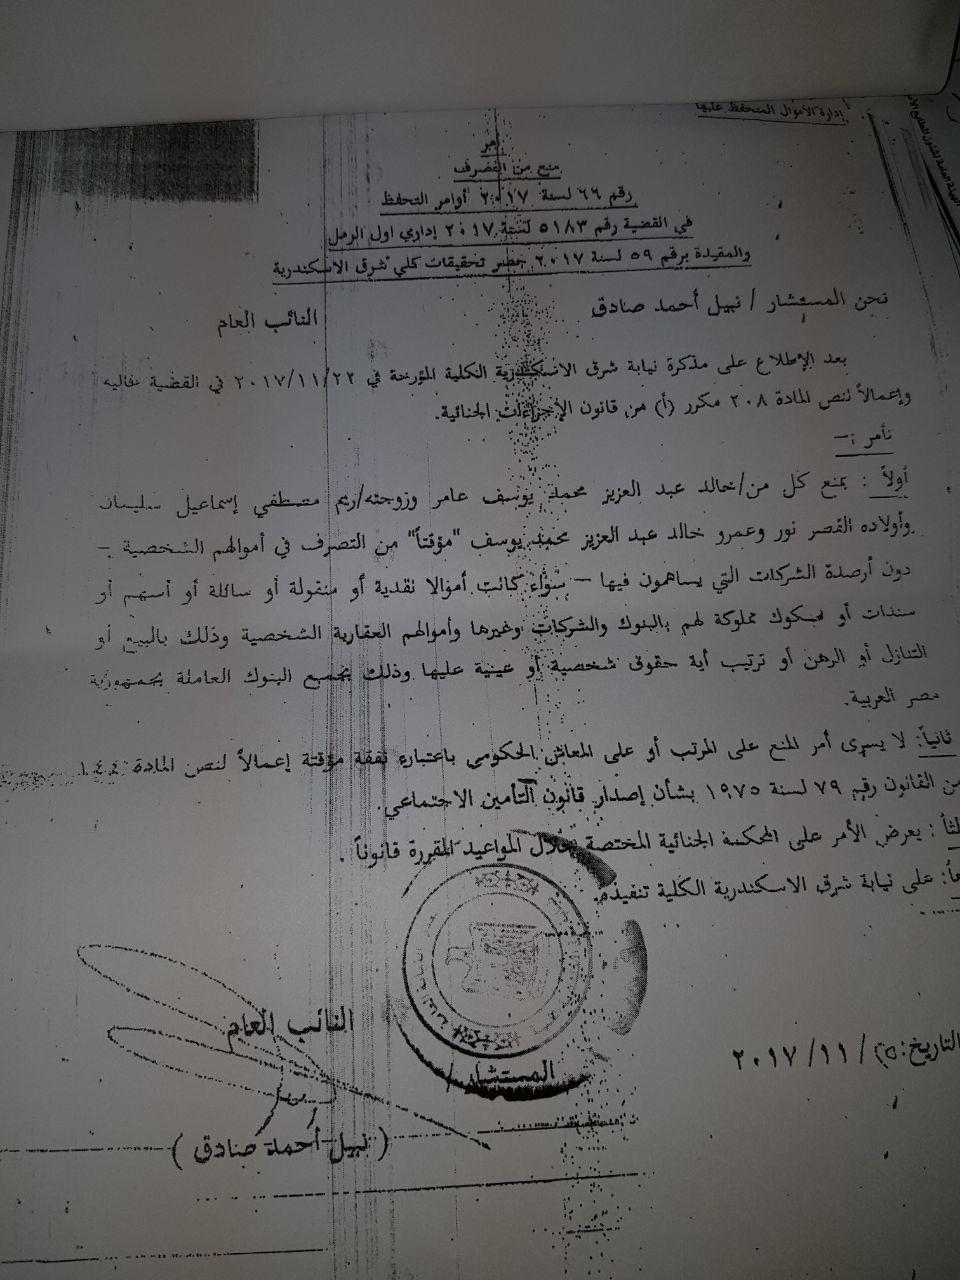 أزمة مشروع سيتي بالاس بالإسكندرية (2)